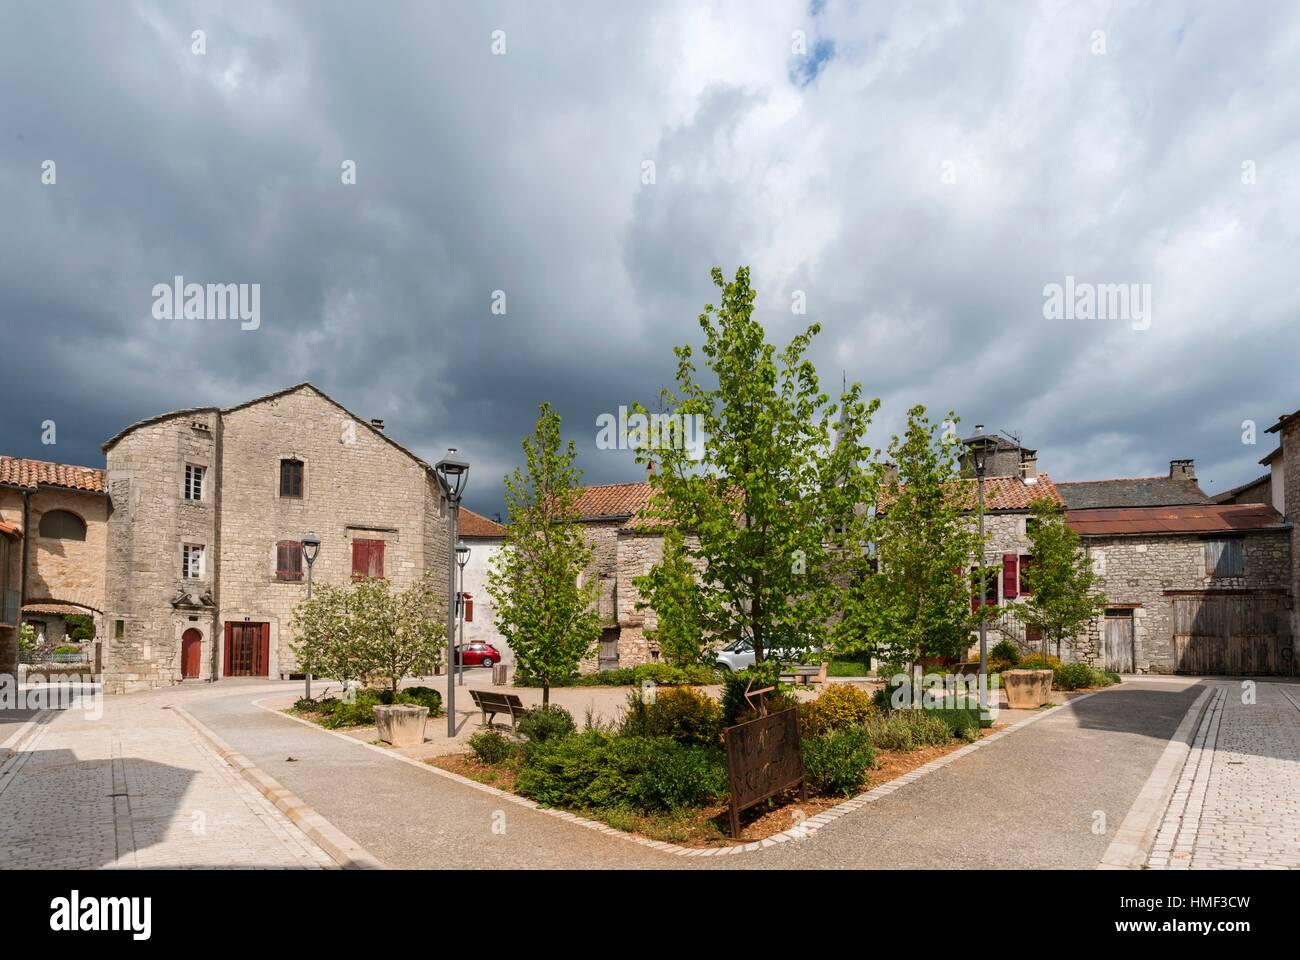 Place des Templiers in the Medieval town of La Cavalerie , Aveyron 12, région Languedoc-Roussillon-Midi-Pyrénées, - Stock Image